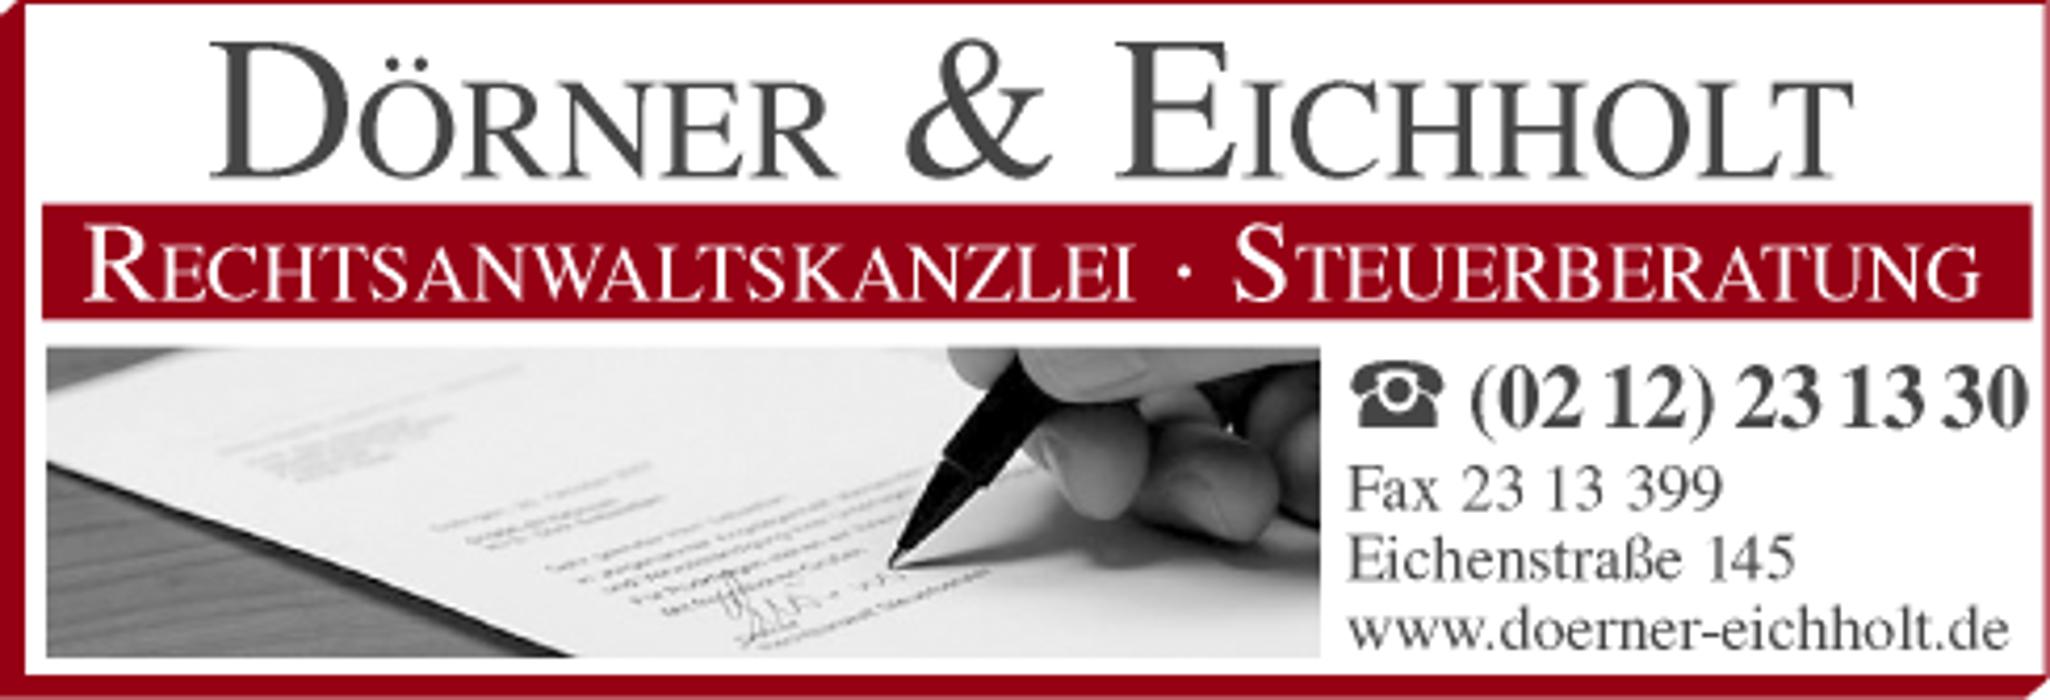 Bild zu Dörner & Eichholt Rechtsanwaltskanzlei Steuerberatung in Solingen